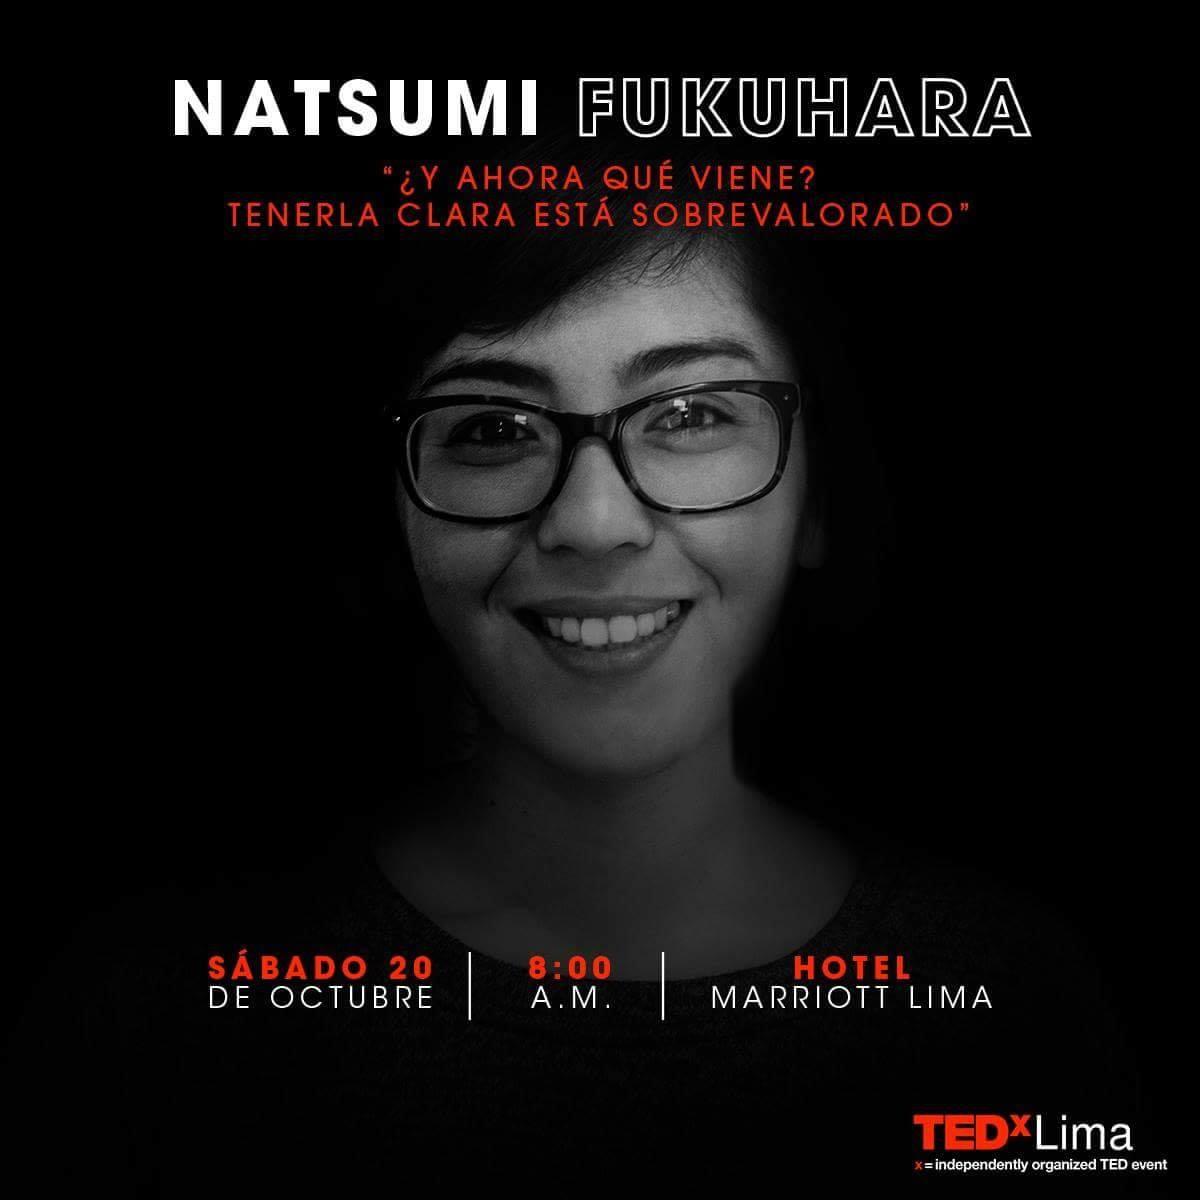 Natsumi Fukuhara